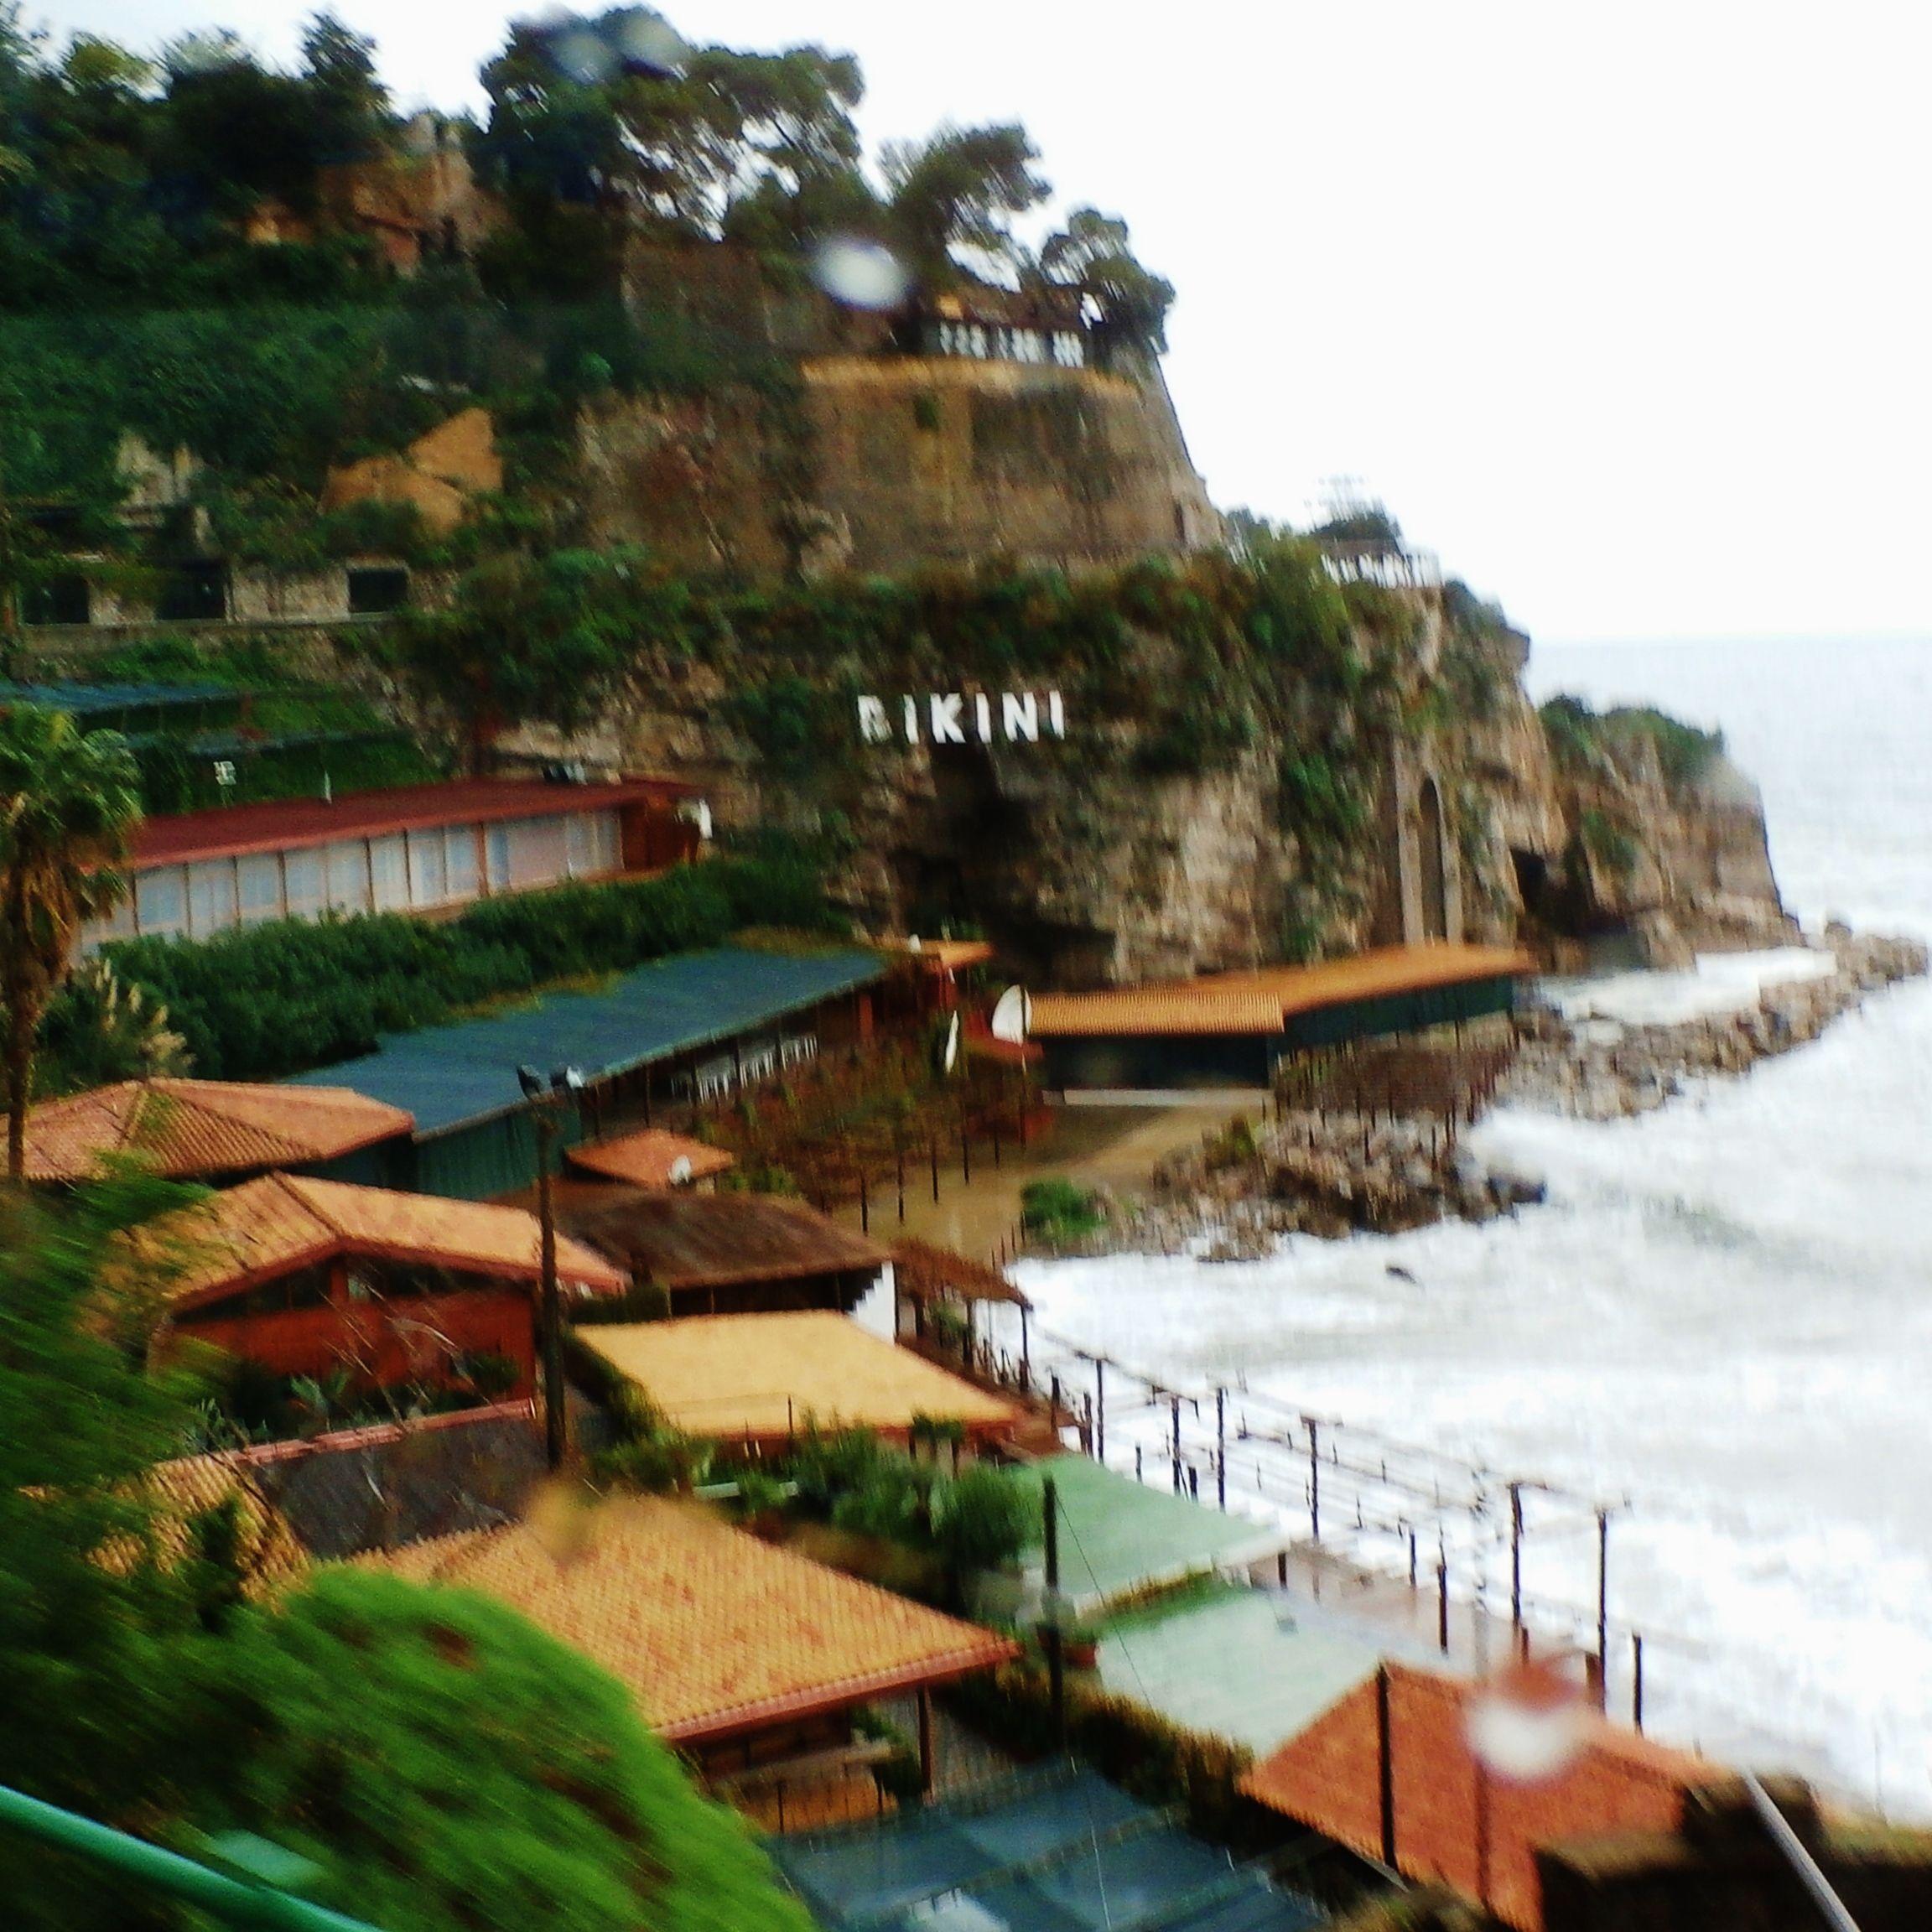 rainy day in Naples